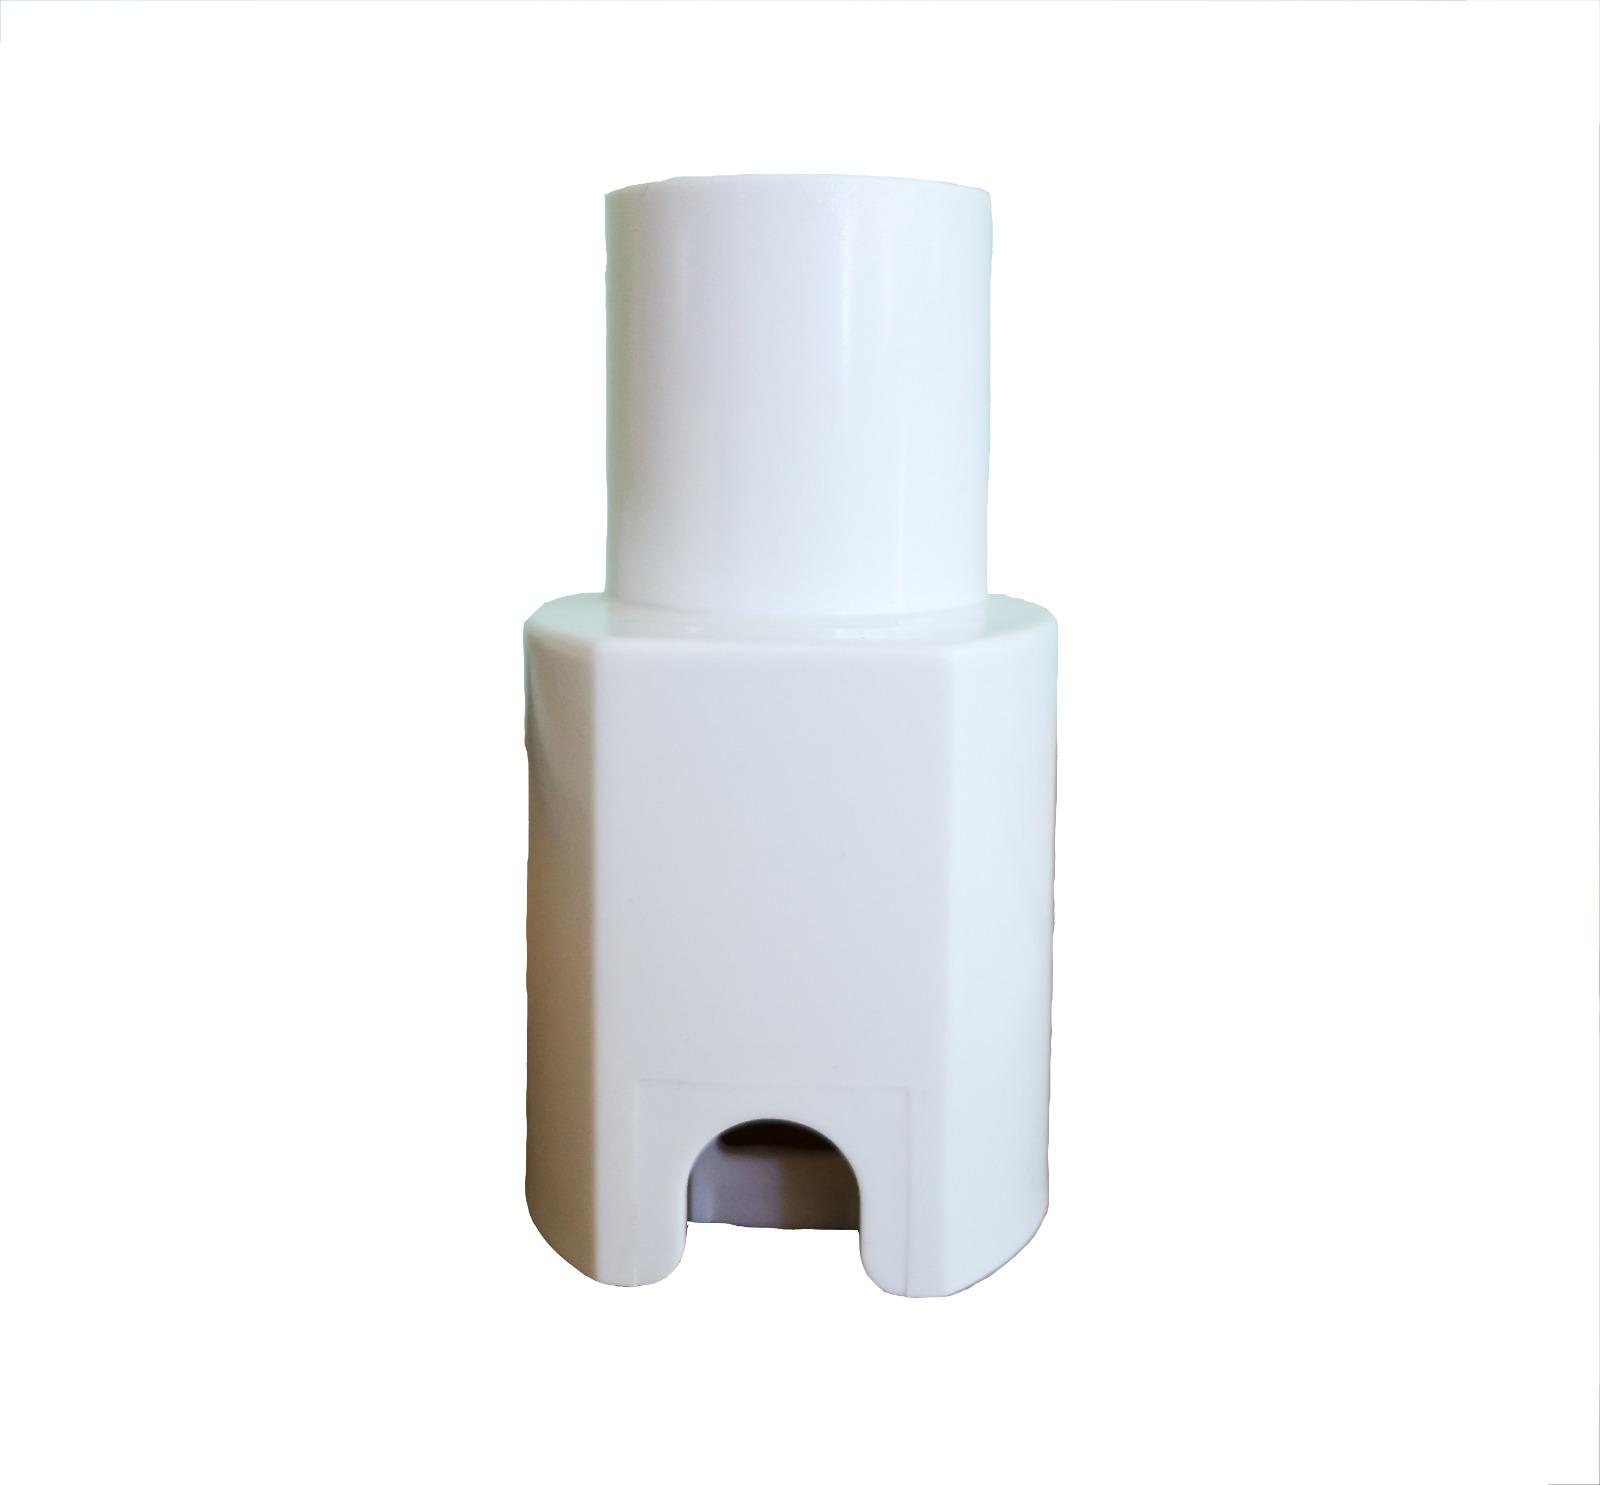 Adattatore non elettrificato per tubo vk 130 bianco